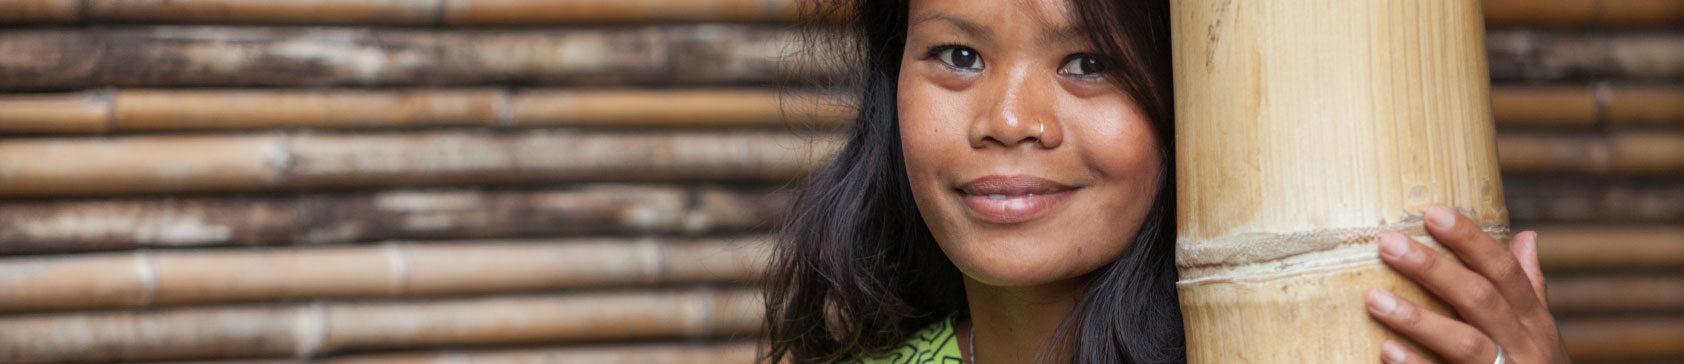 Tusalario.org/CostaRica - Salud y seguridad en el lugar de trabajo en Costa Rica